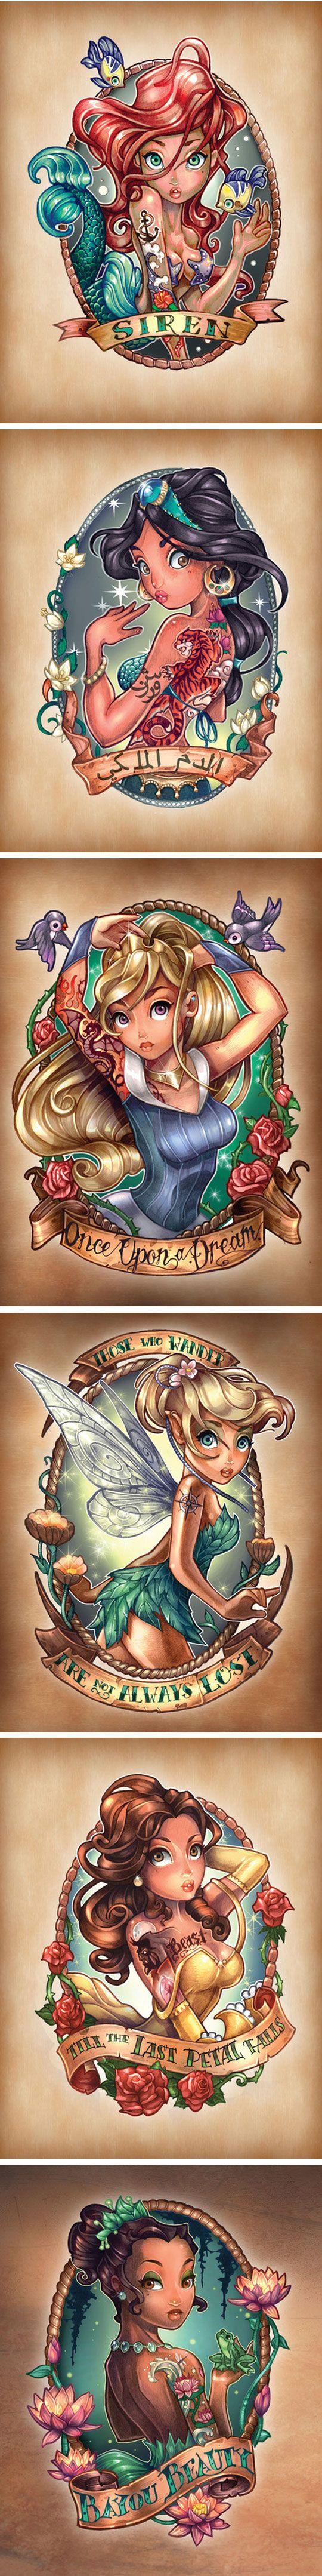 Disney Princess pinups